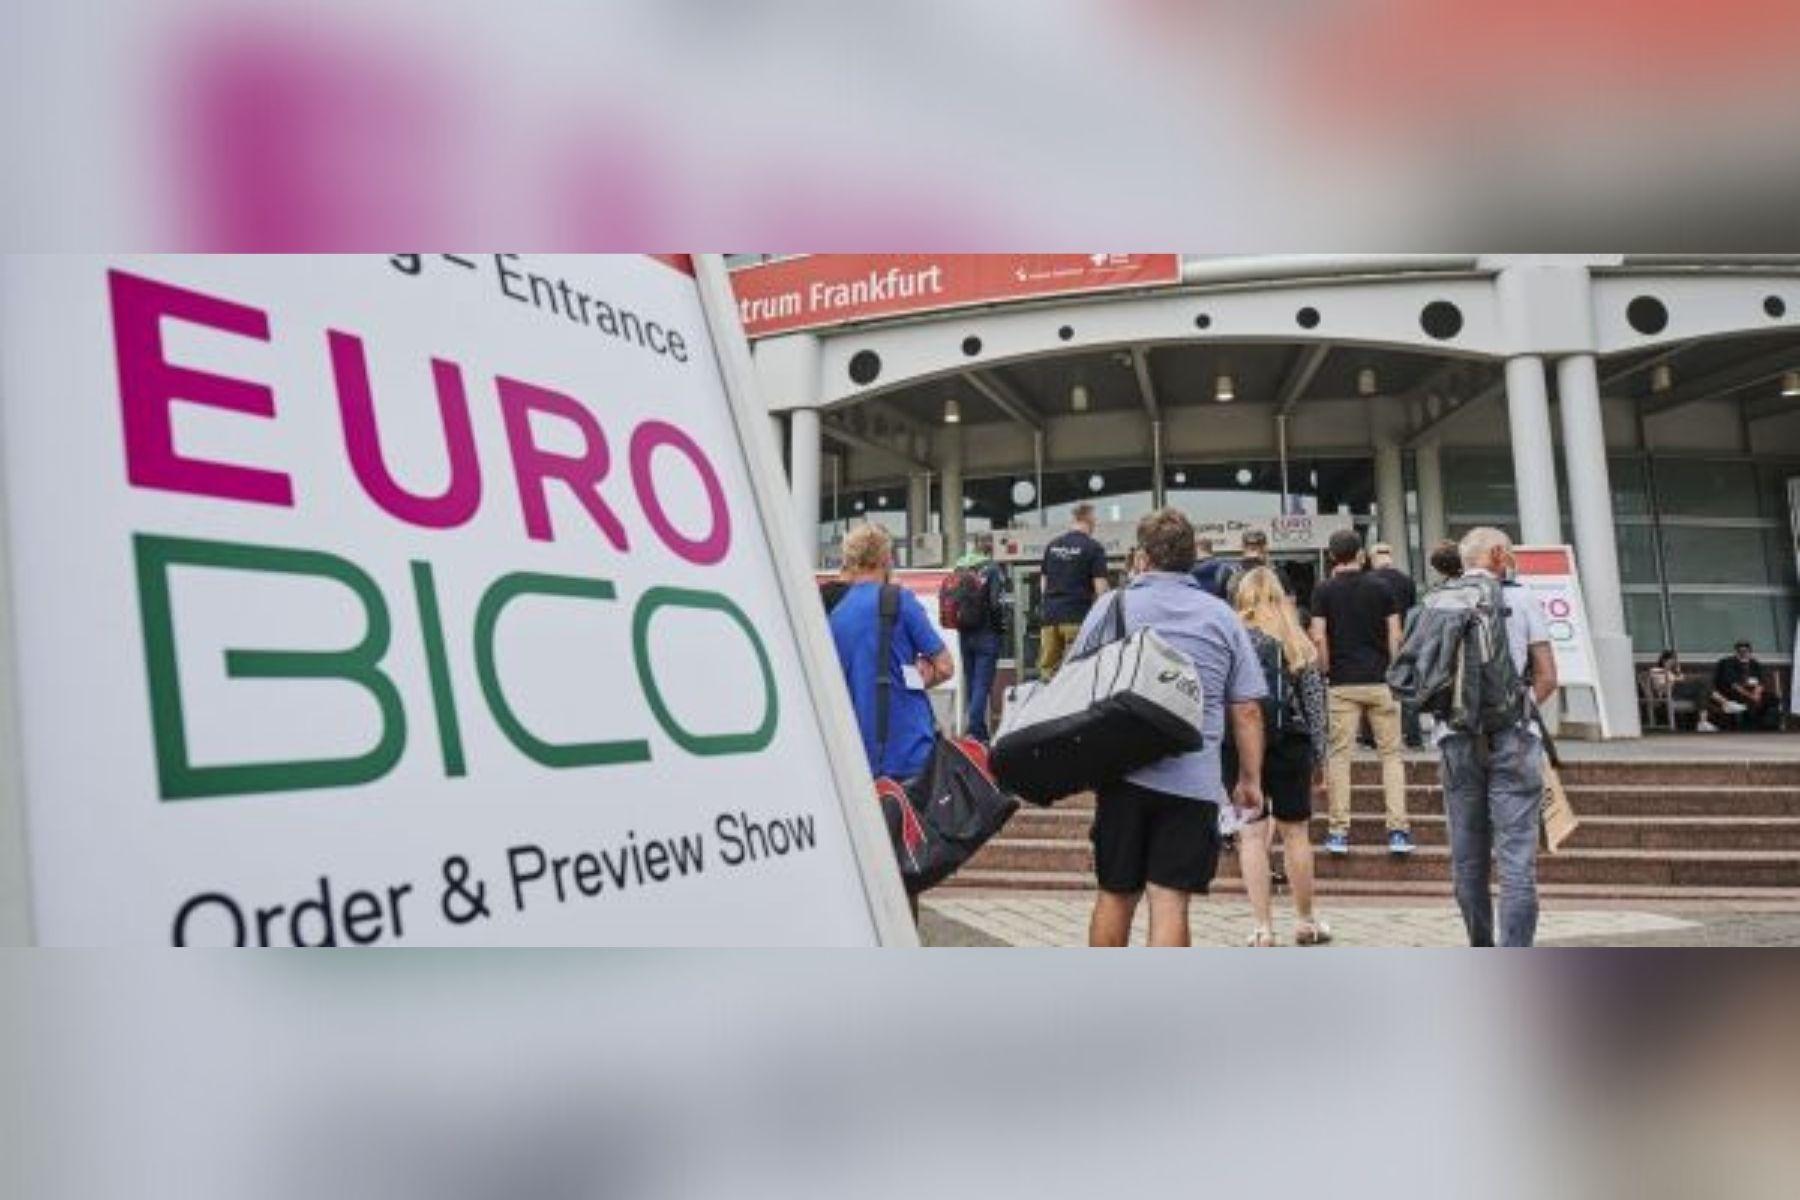 Start-Ziel-Sieg für die EUROBICO in Frankfurt am Main